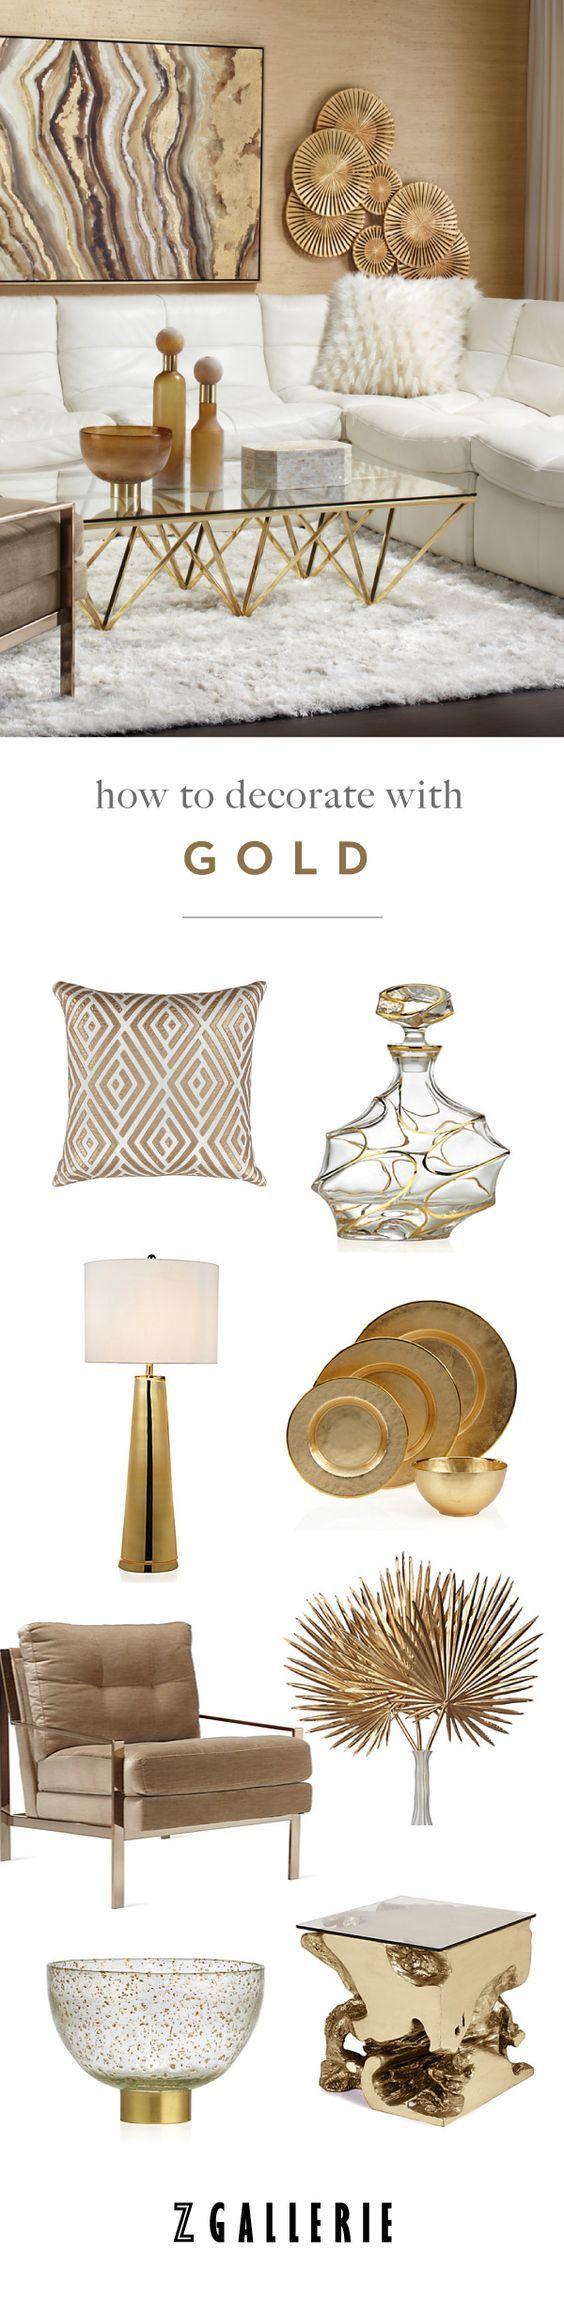 Las 25 mejores ideas sobre accesorios decorativos en for Accesorios de decoracion